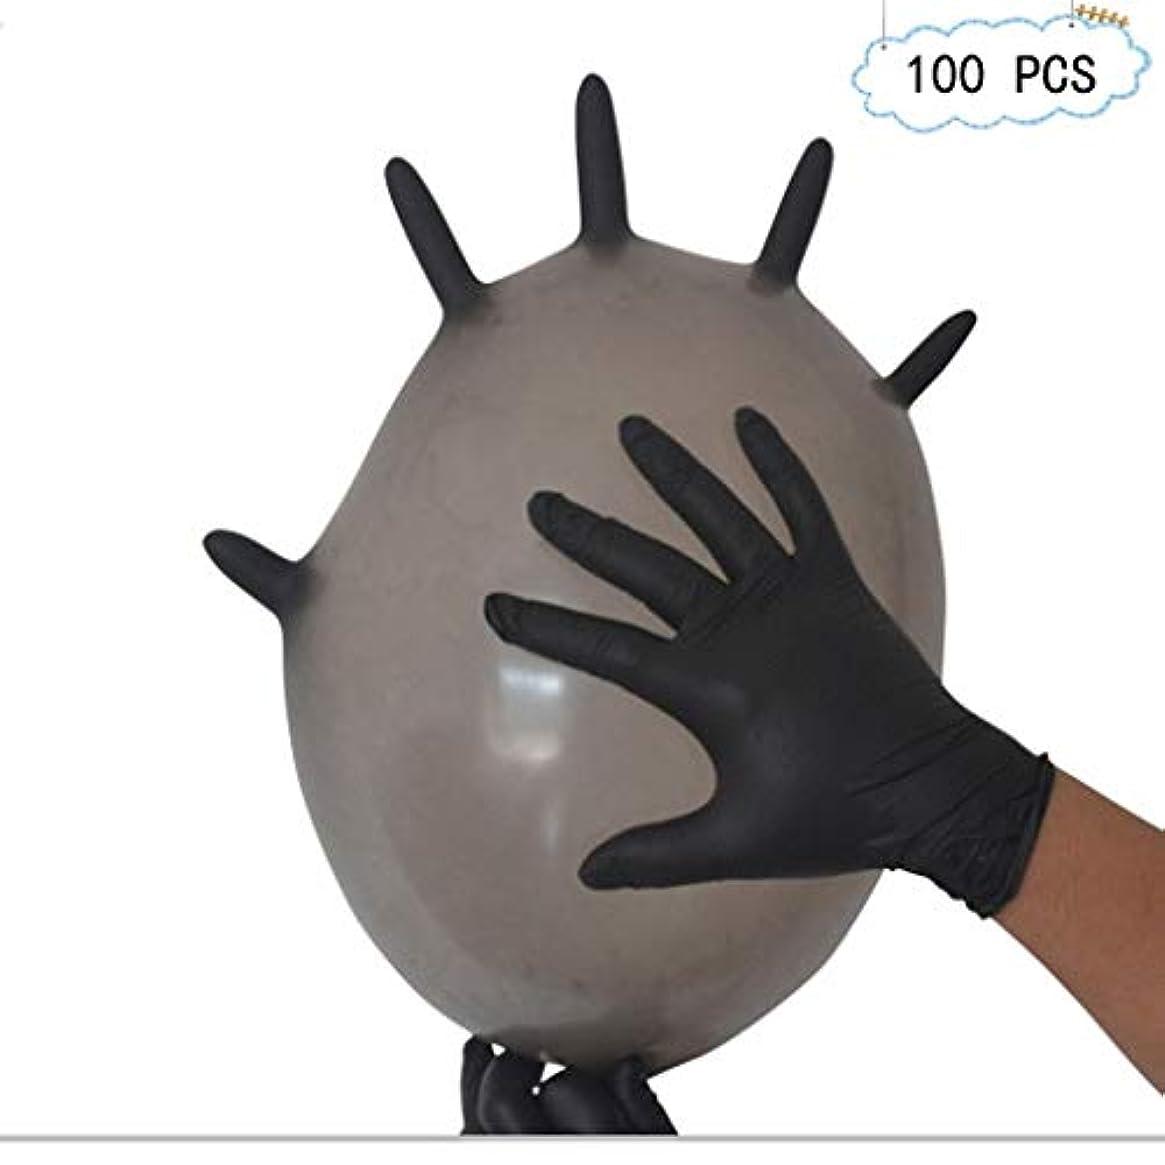 内訳引き金拒絶するニトリル手袋使い捨てニトリル手袋耐油性試験黒色タトゥー産業労働保険ゴム製食器洗いデューティー試験手袋 病院向けのプロフェッショナルグレード (Size : L)